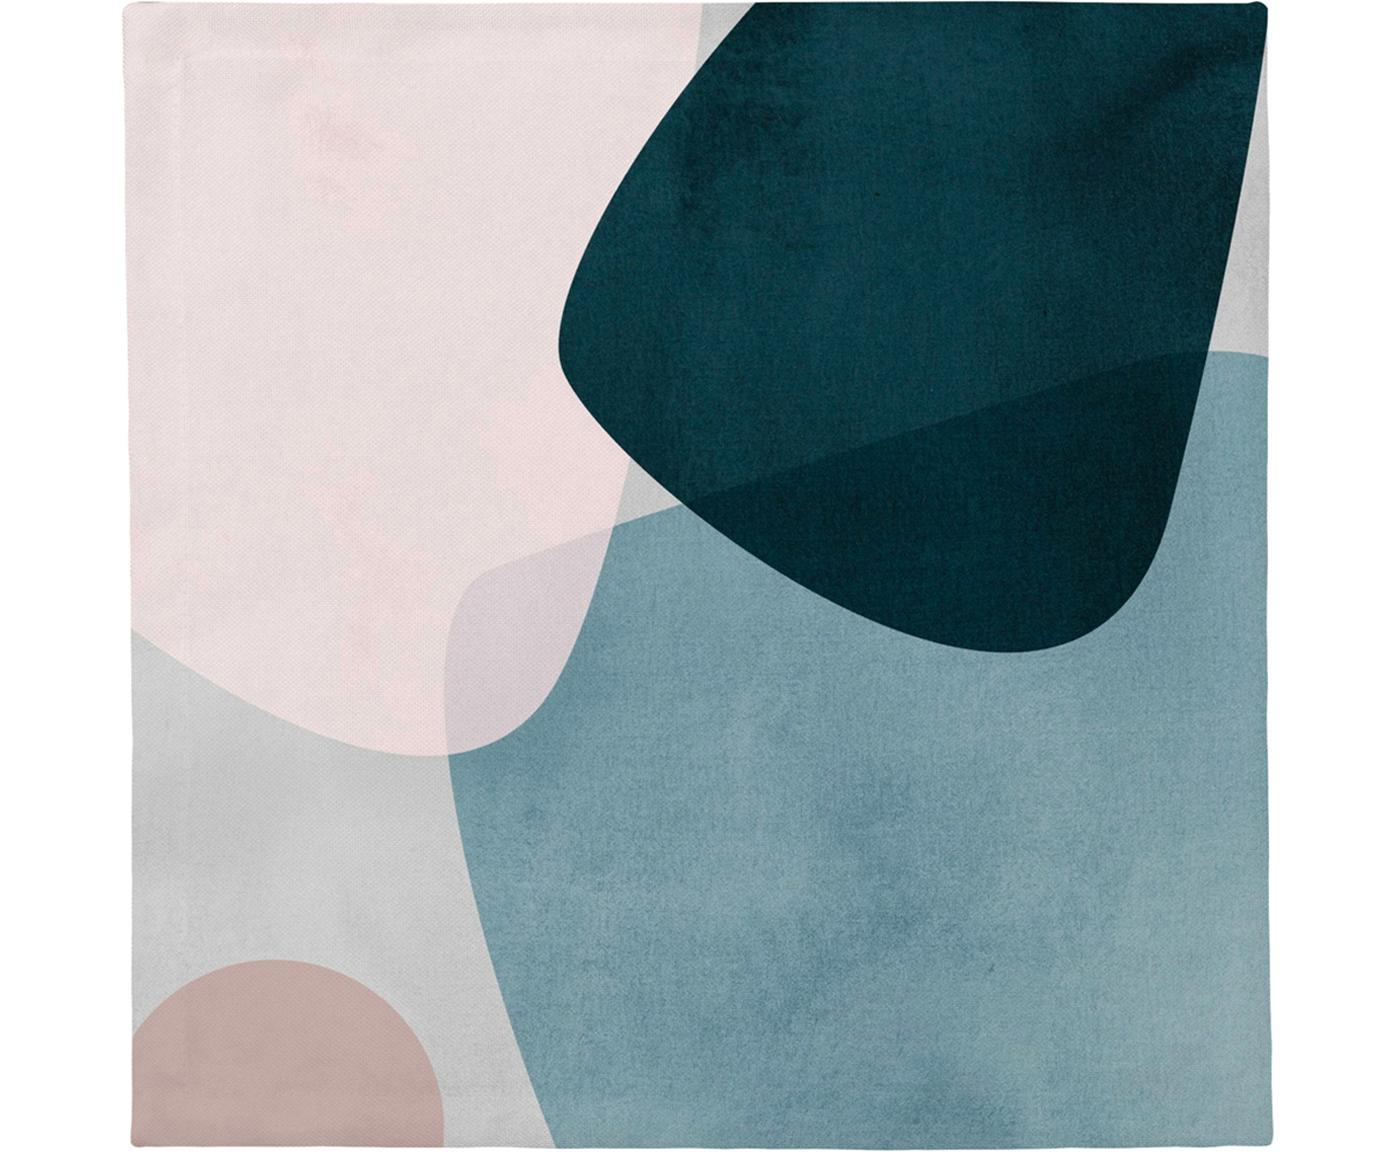 Serwetka z tkaniny Graphic, 4 szt., Bawełna, Ciemny niebieski, niebieski, szary, blady różowy, S 40 x D 40 cm